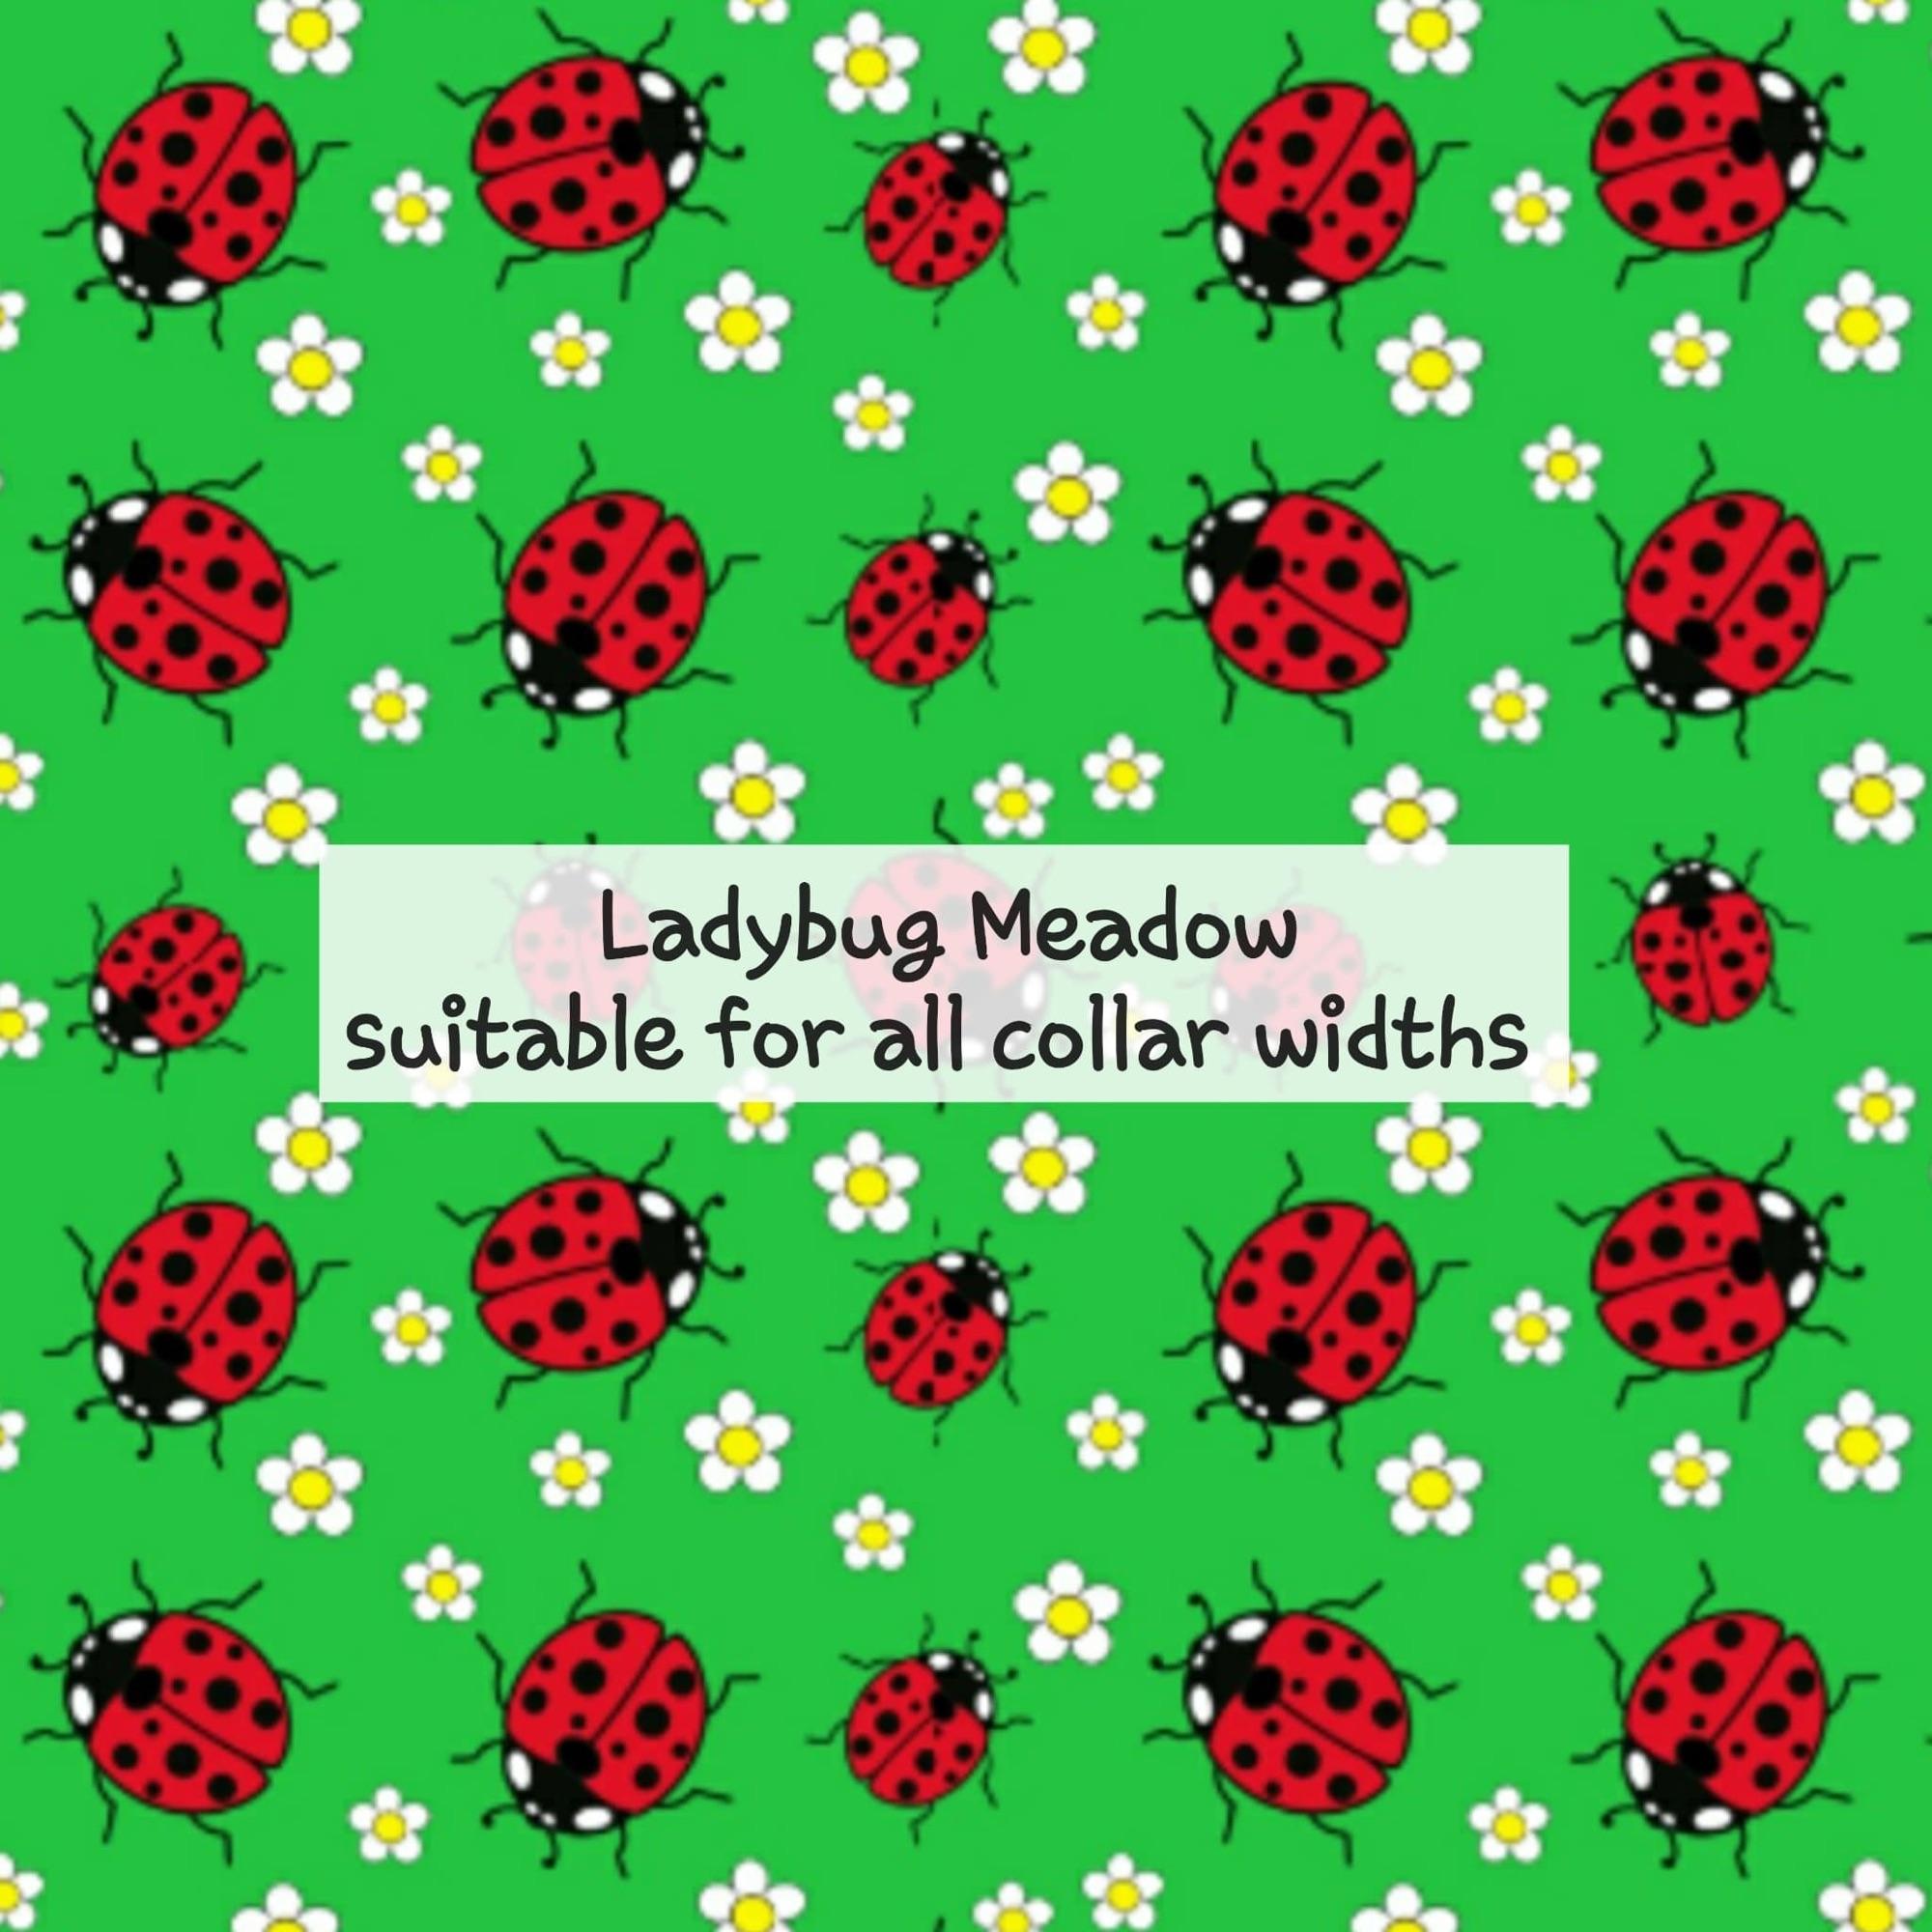 Ladybug Meadow